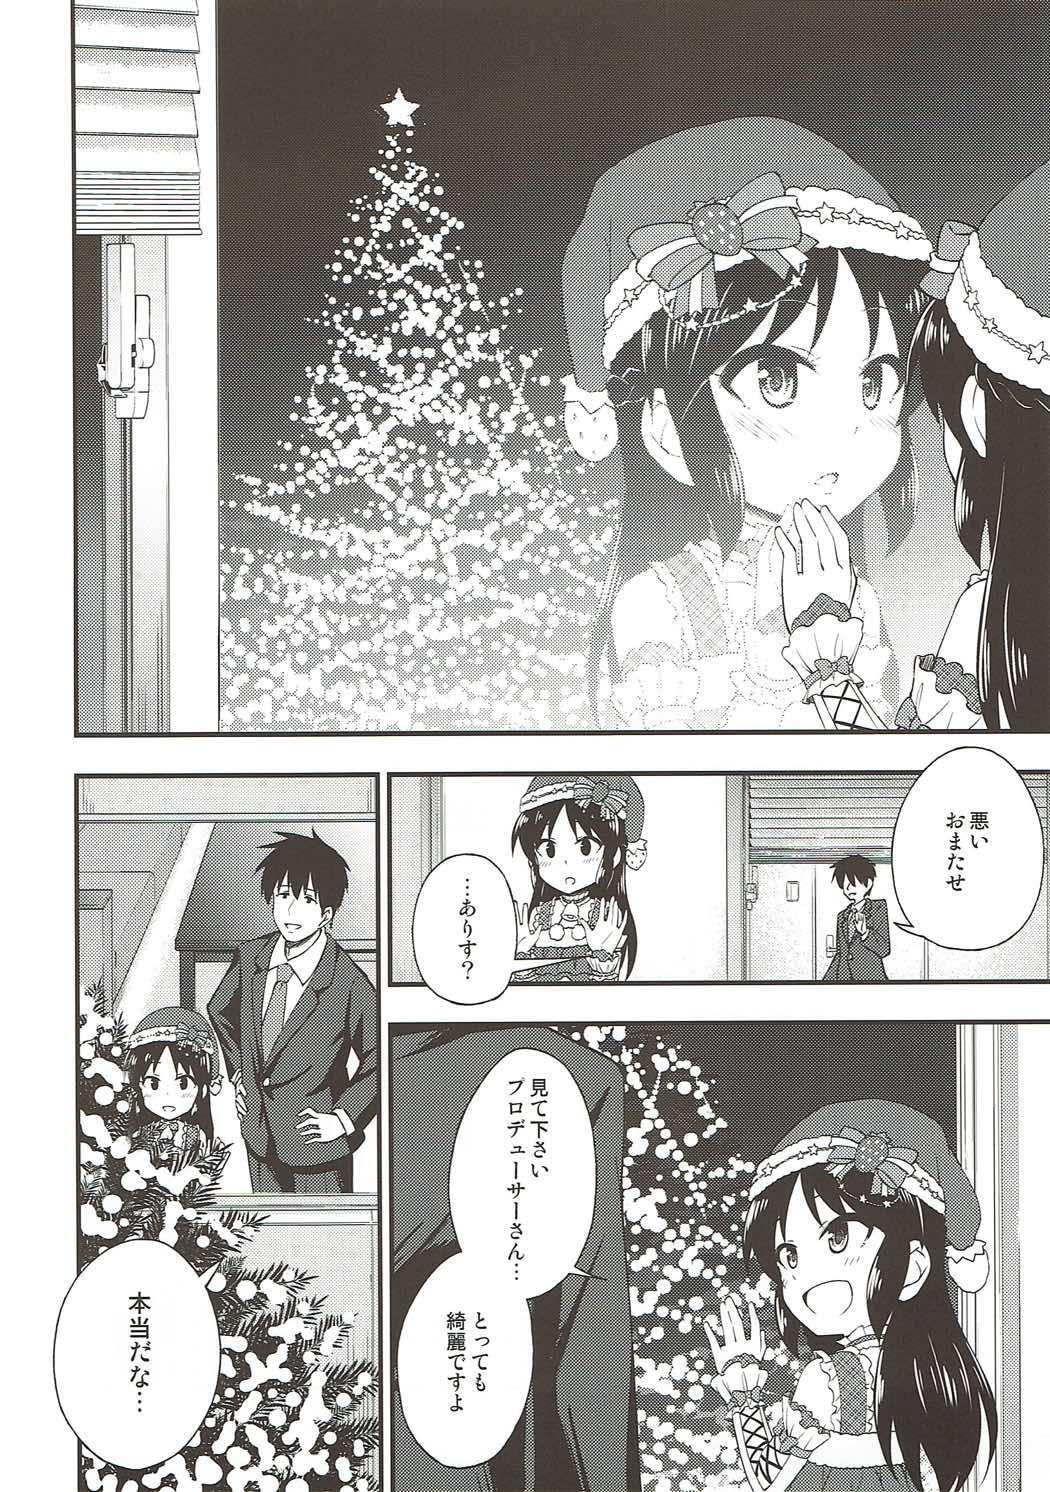 Arisu no Seiya no Negaigoto 2